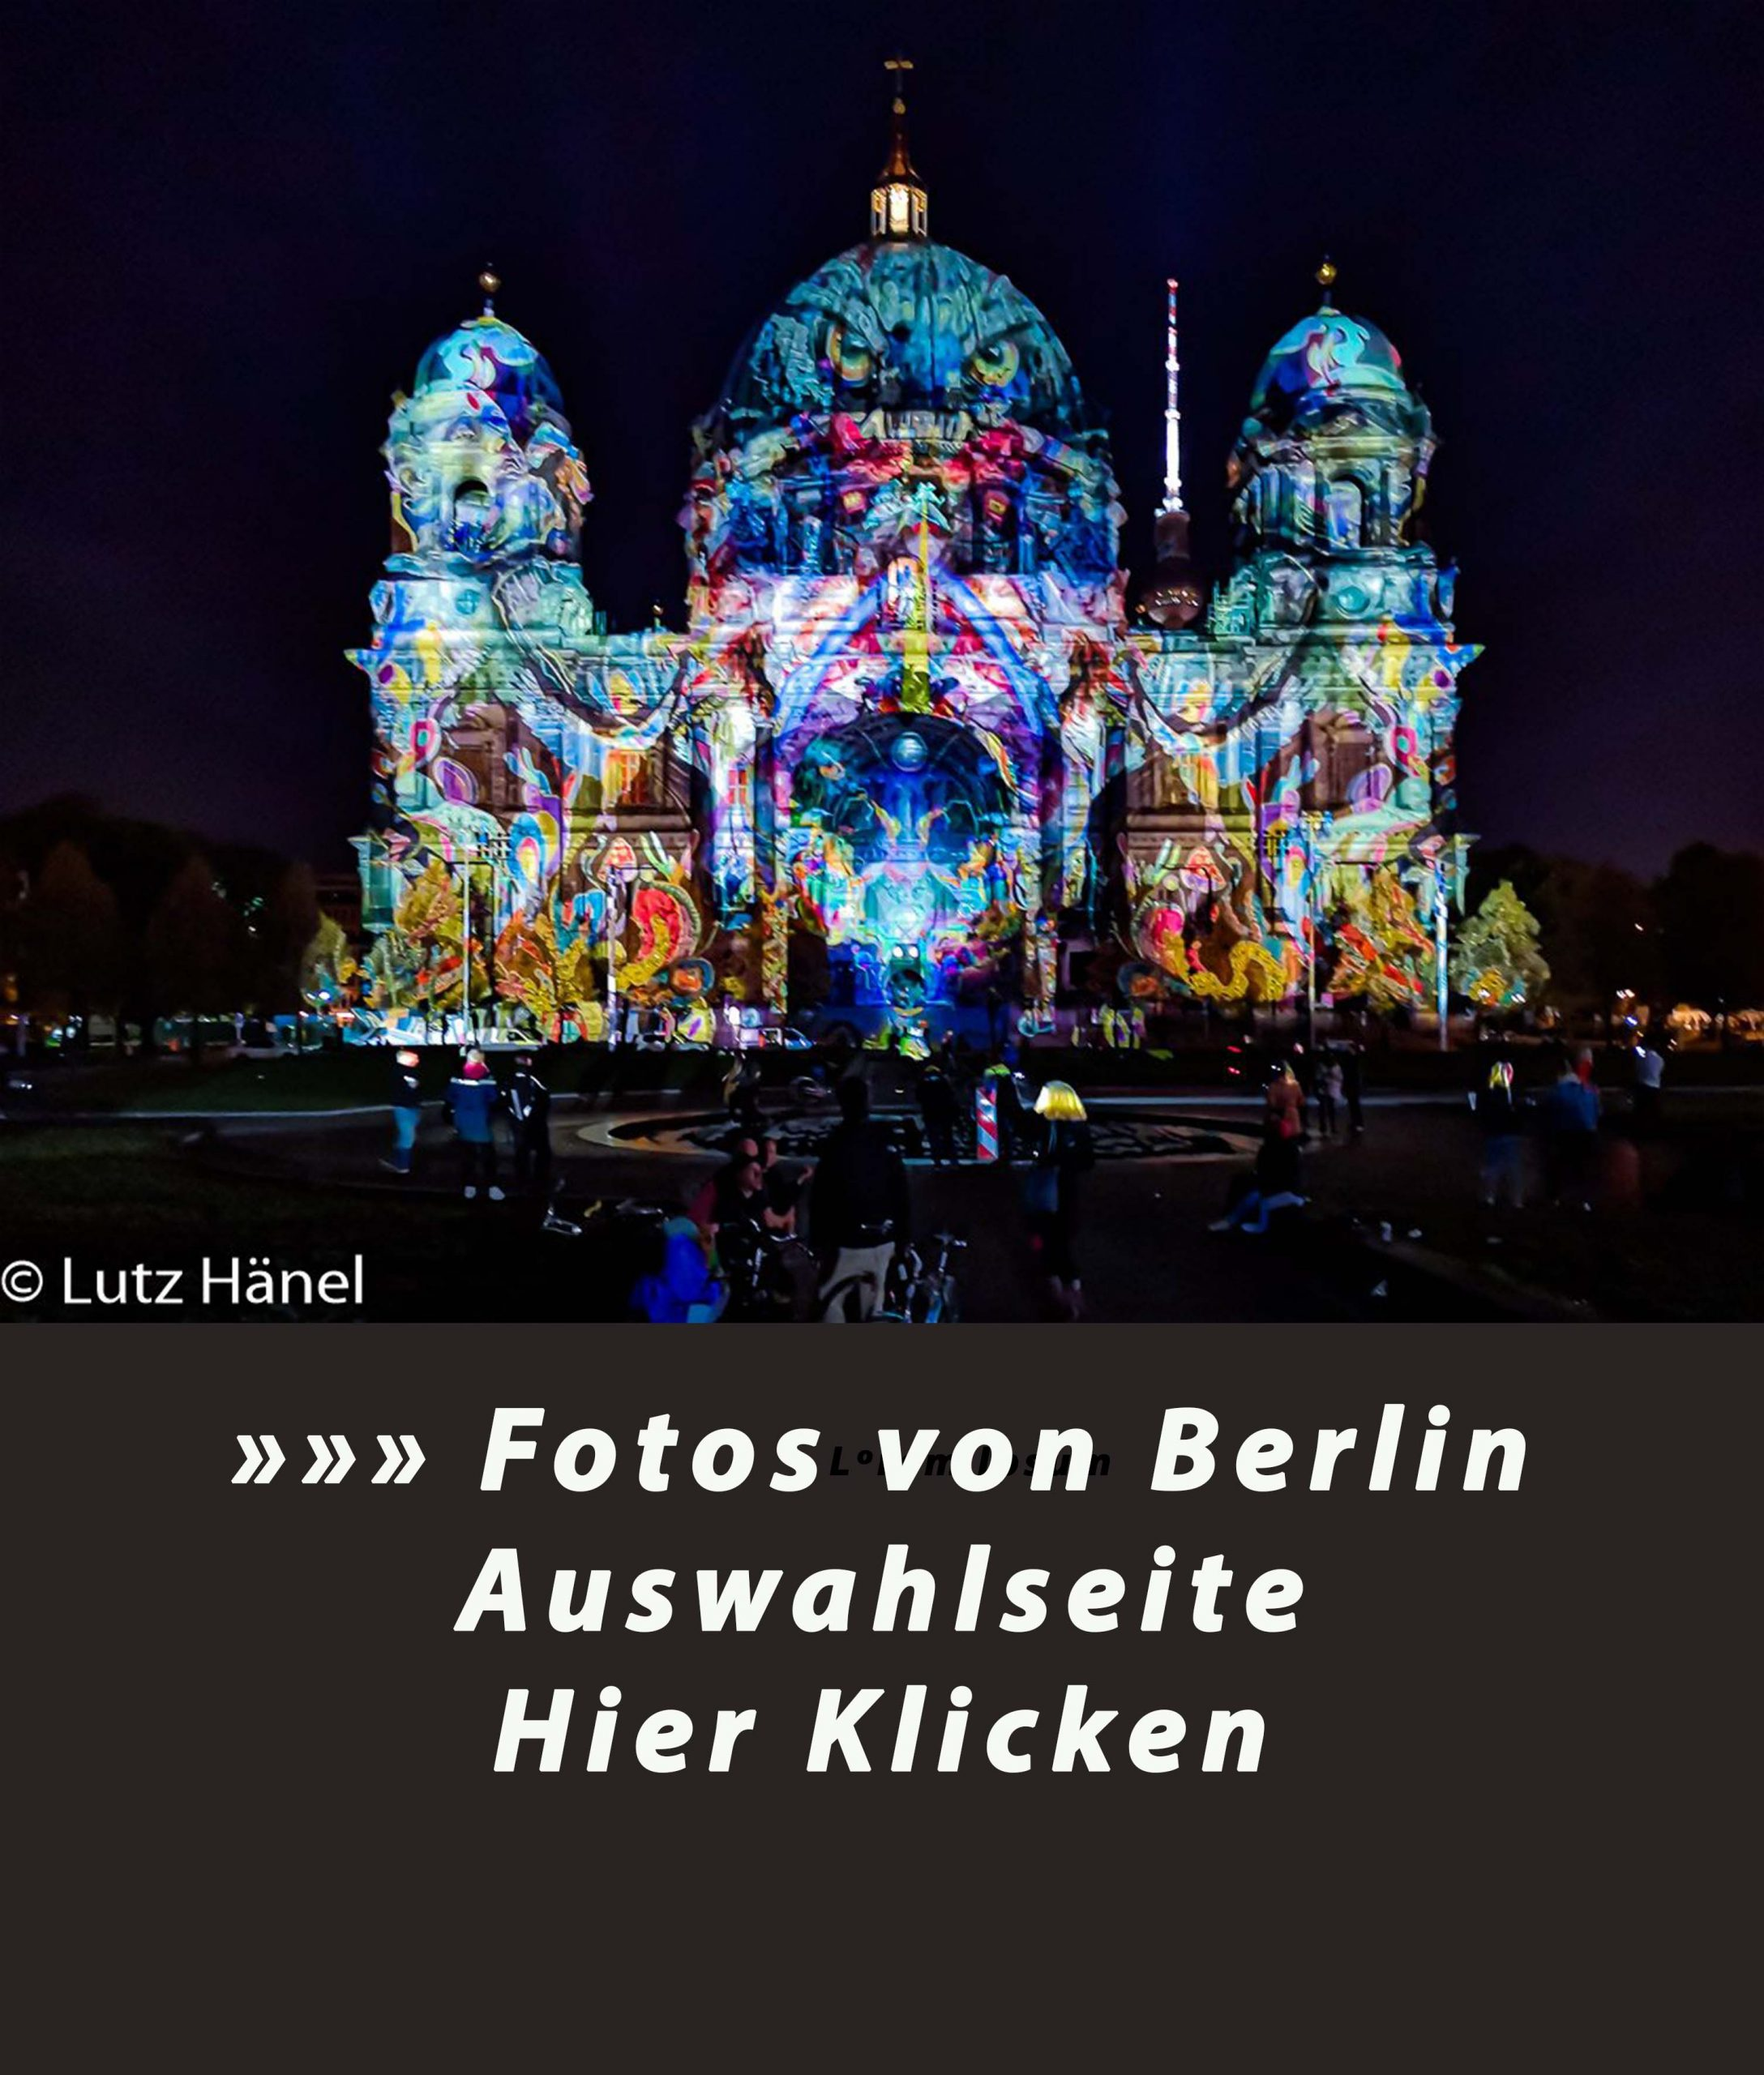 Berliner Dom Foto währent der Veranstaltung Berlin Leuchtet entstanden ist! Foto Touren durch Berlin